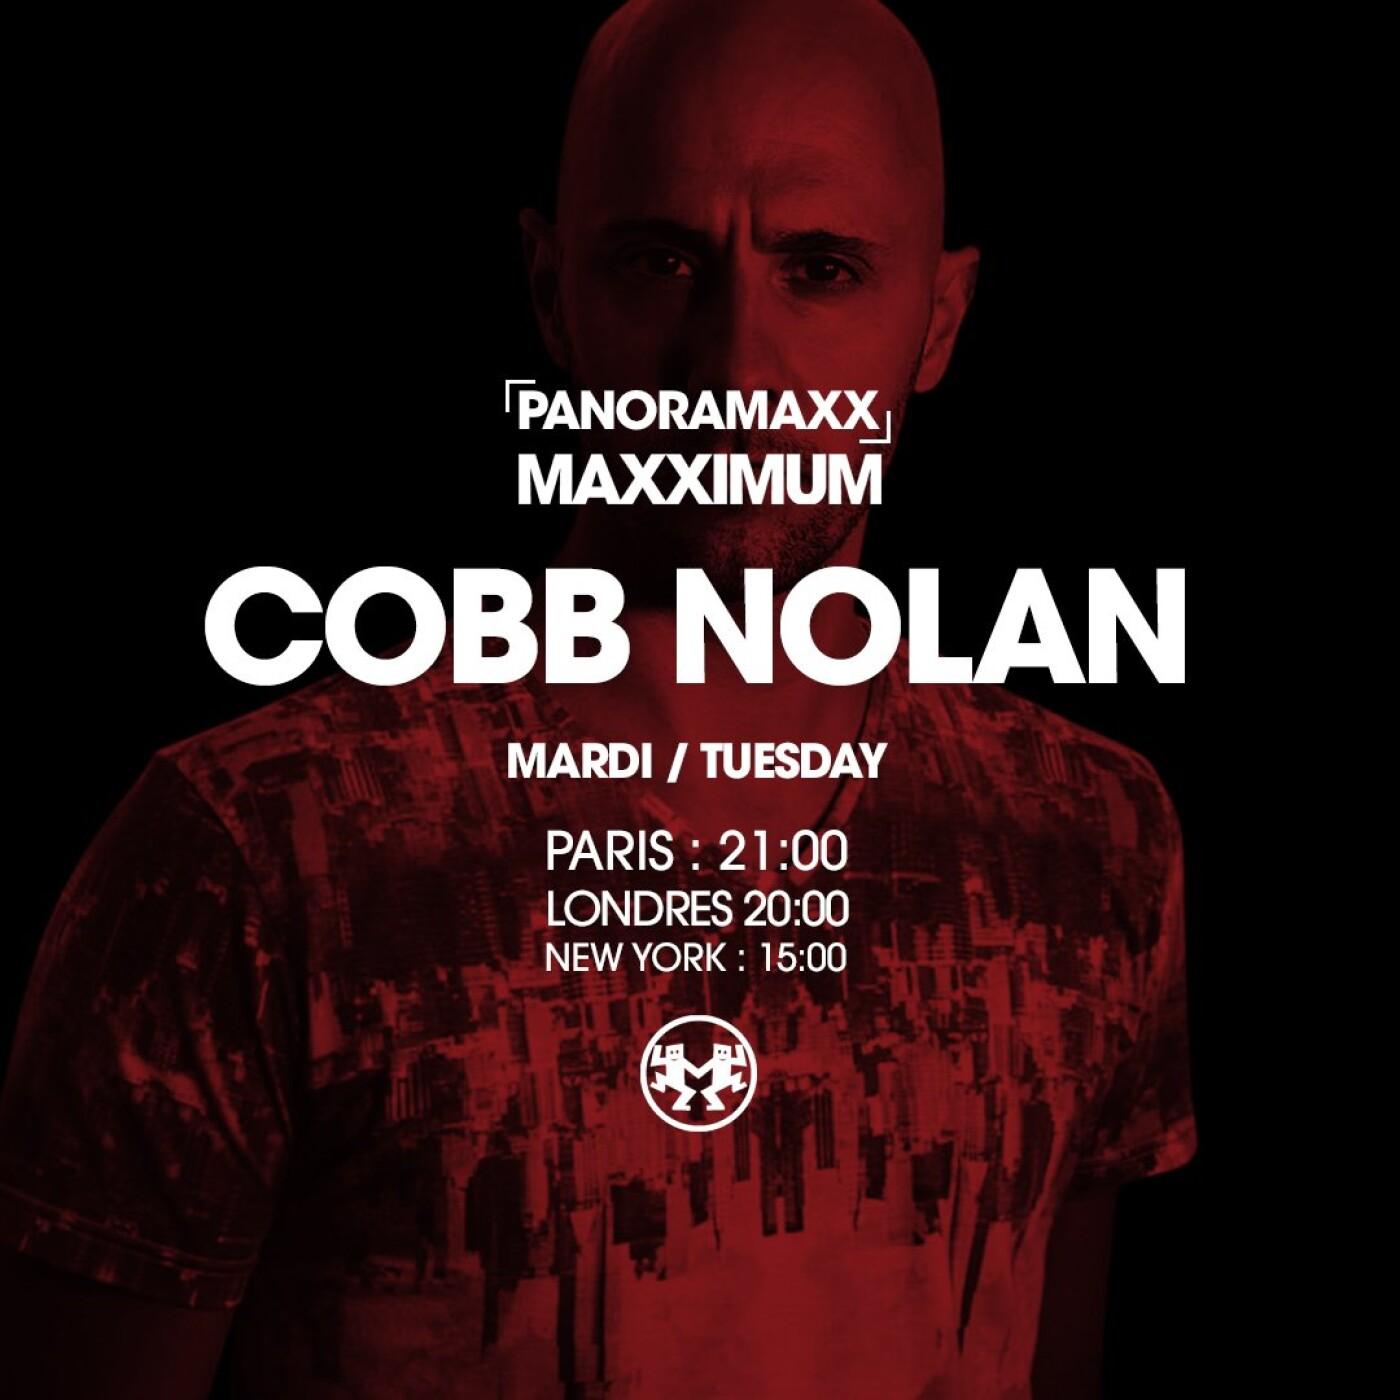 PANORAMAXX : COBB NOLAN